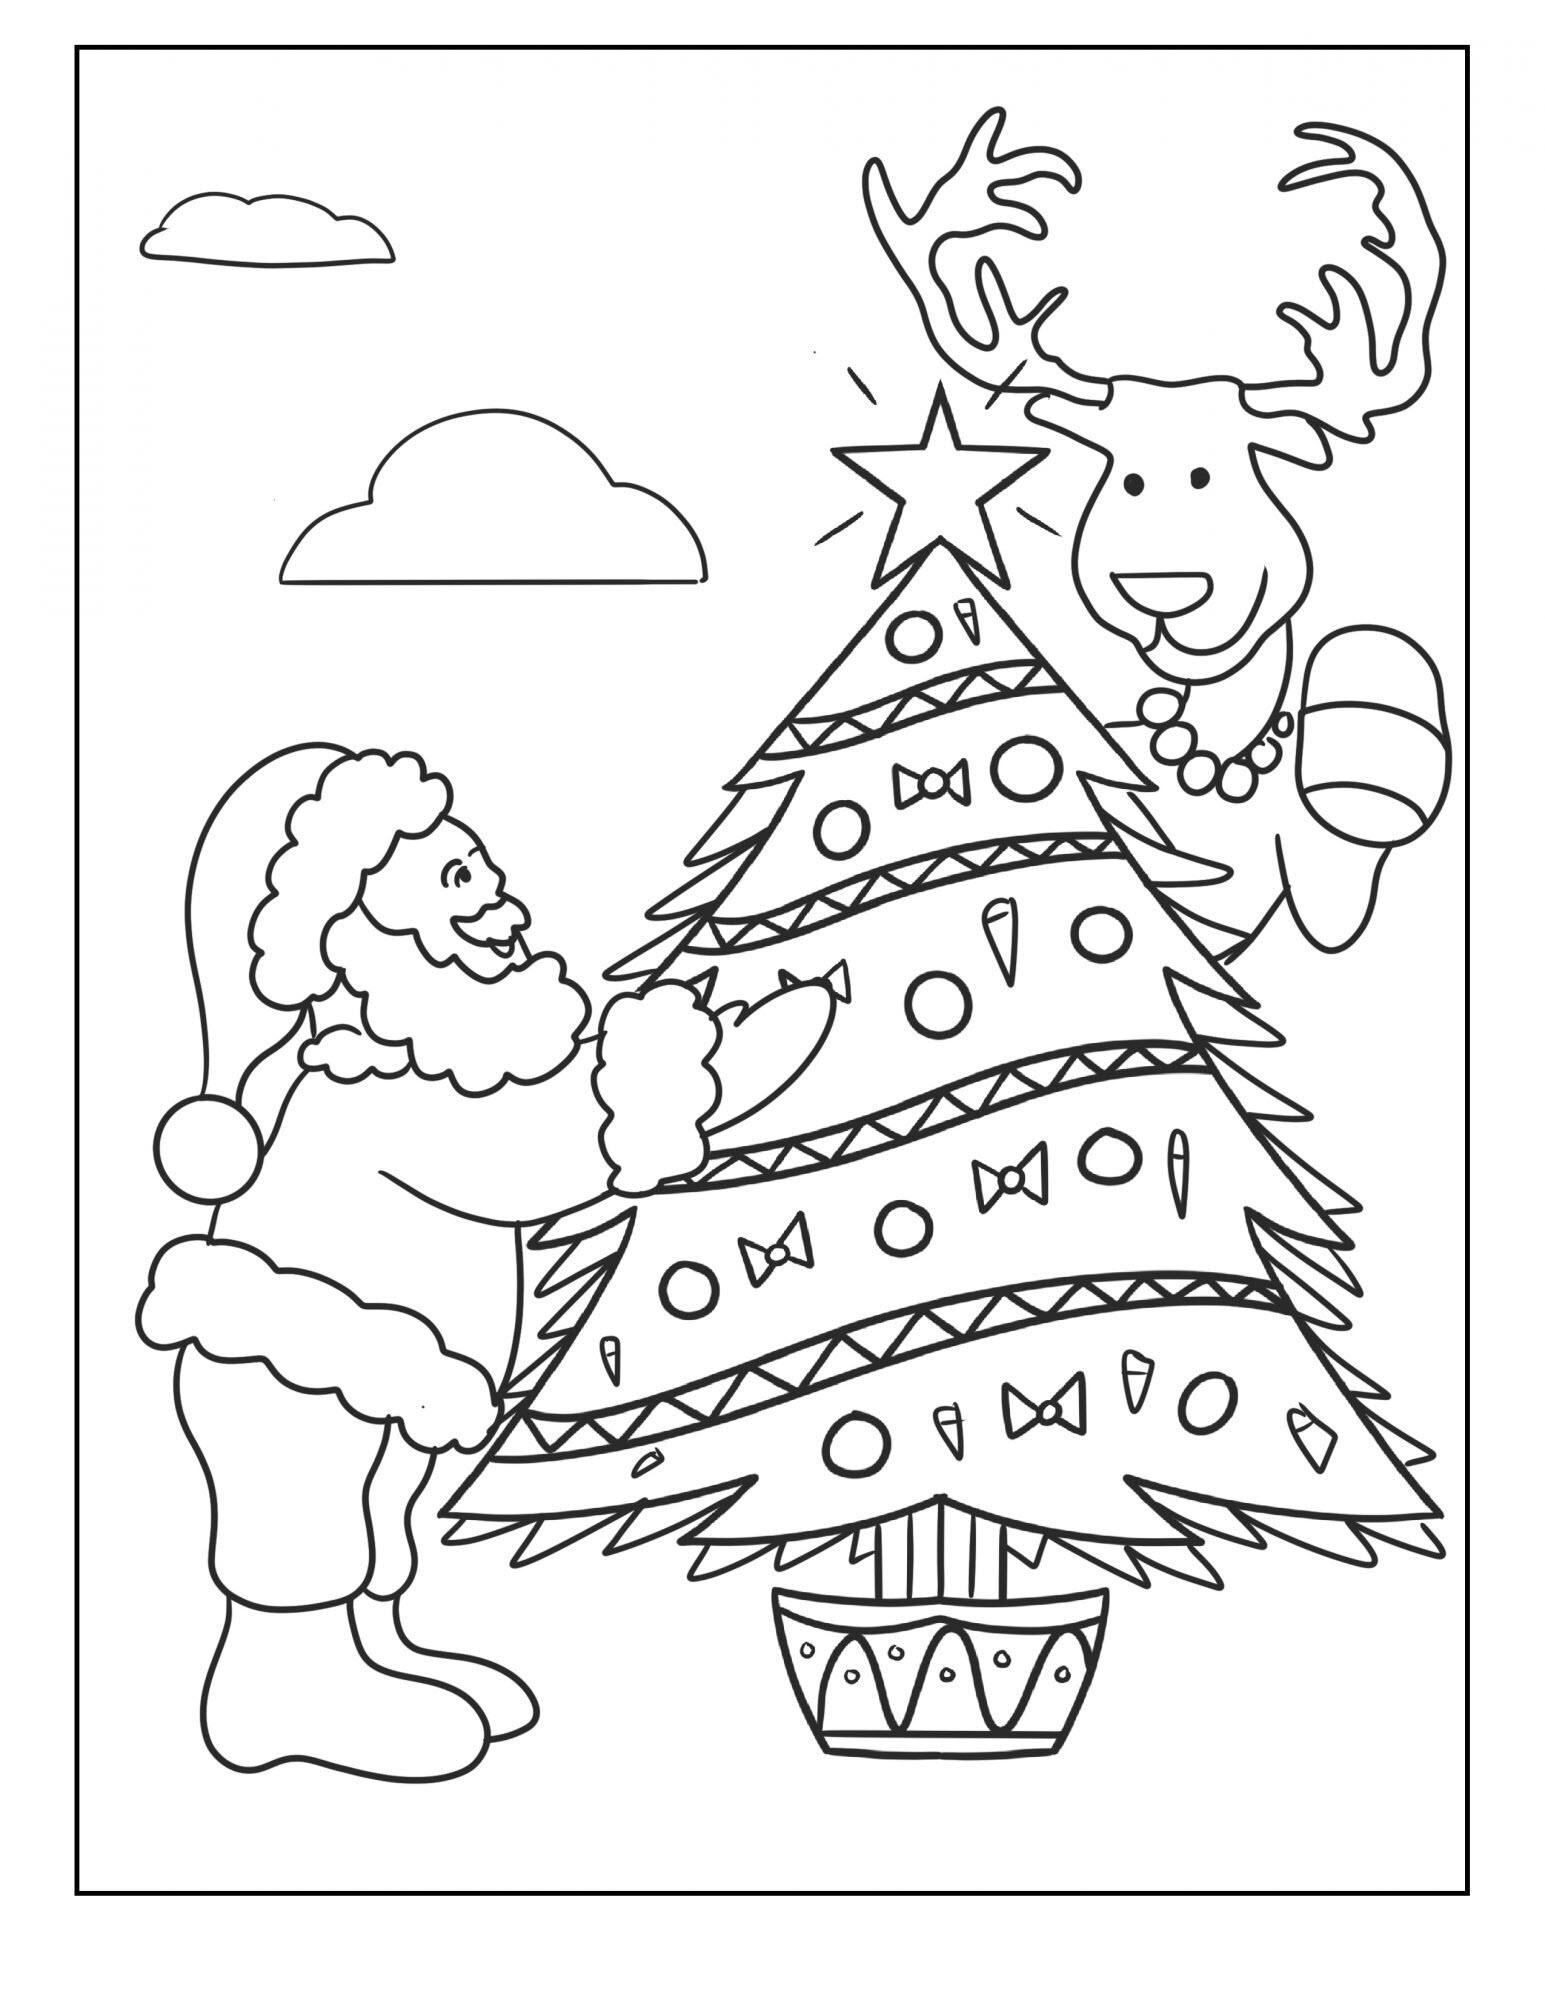 Tranh tô màu ông già Noel trang trí cây thông